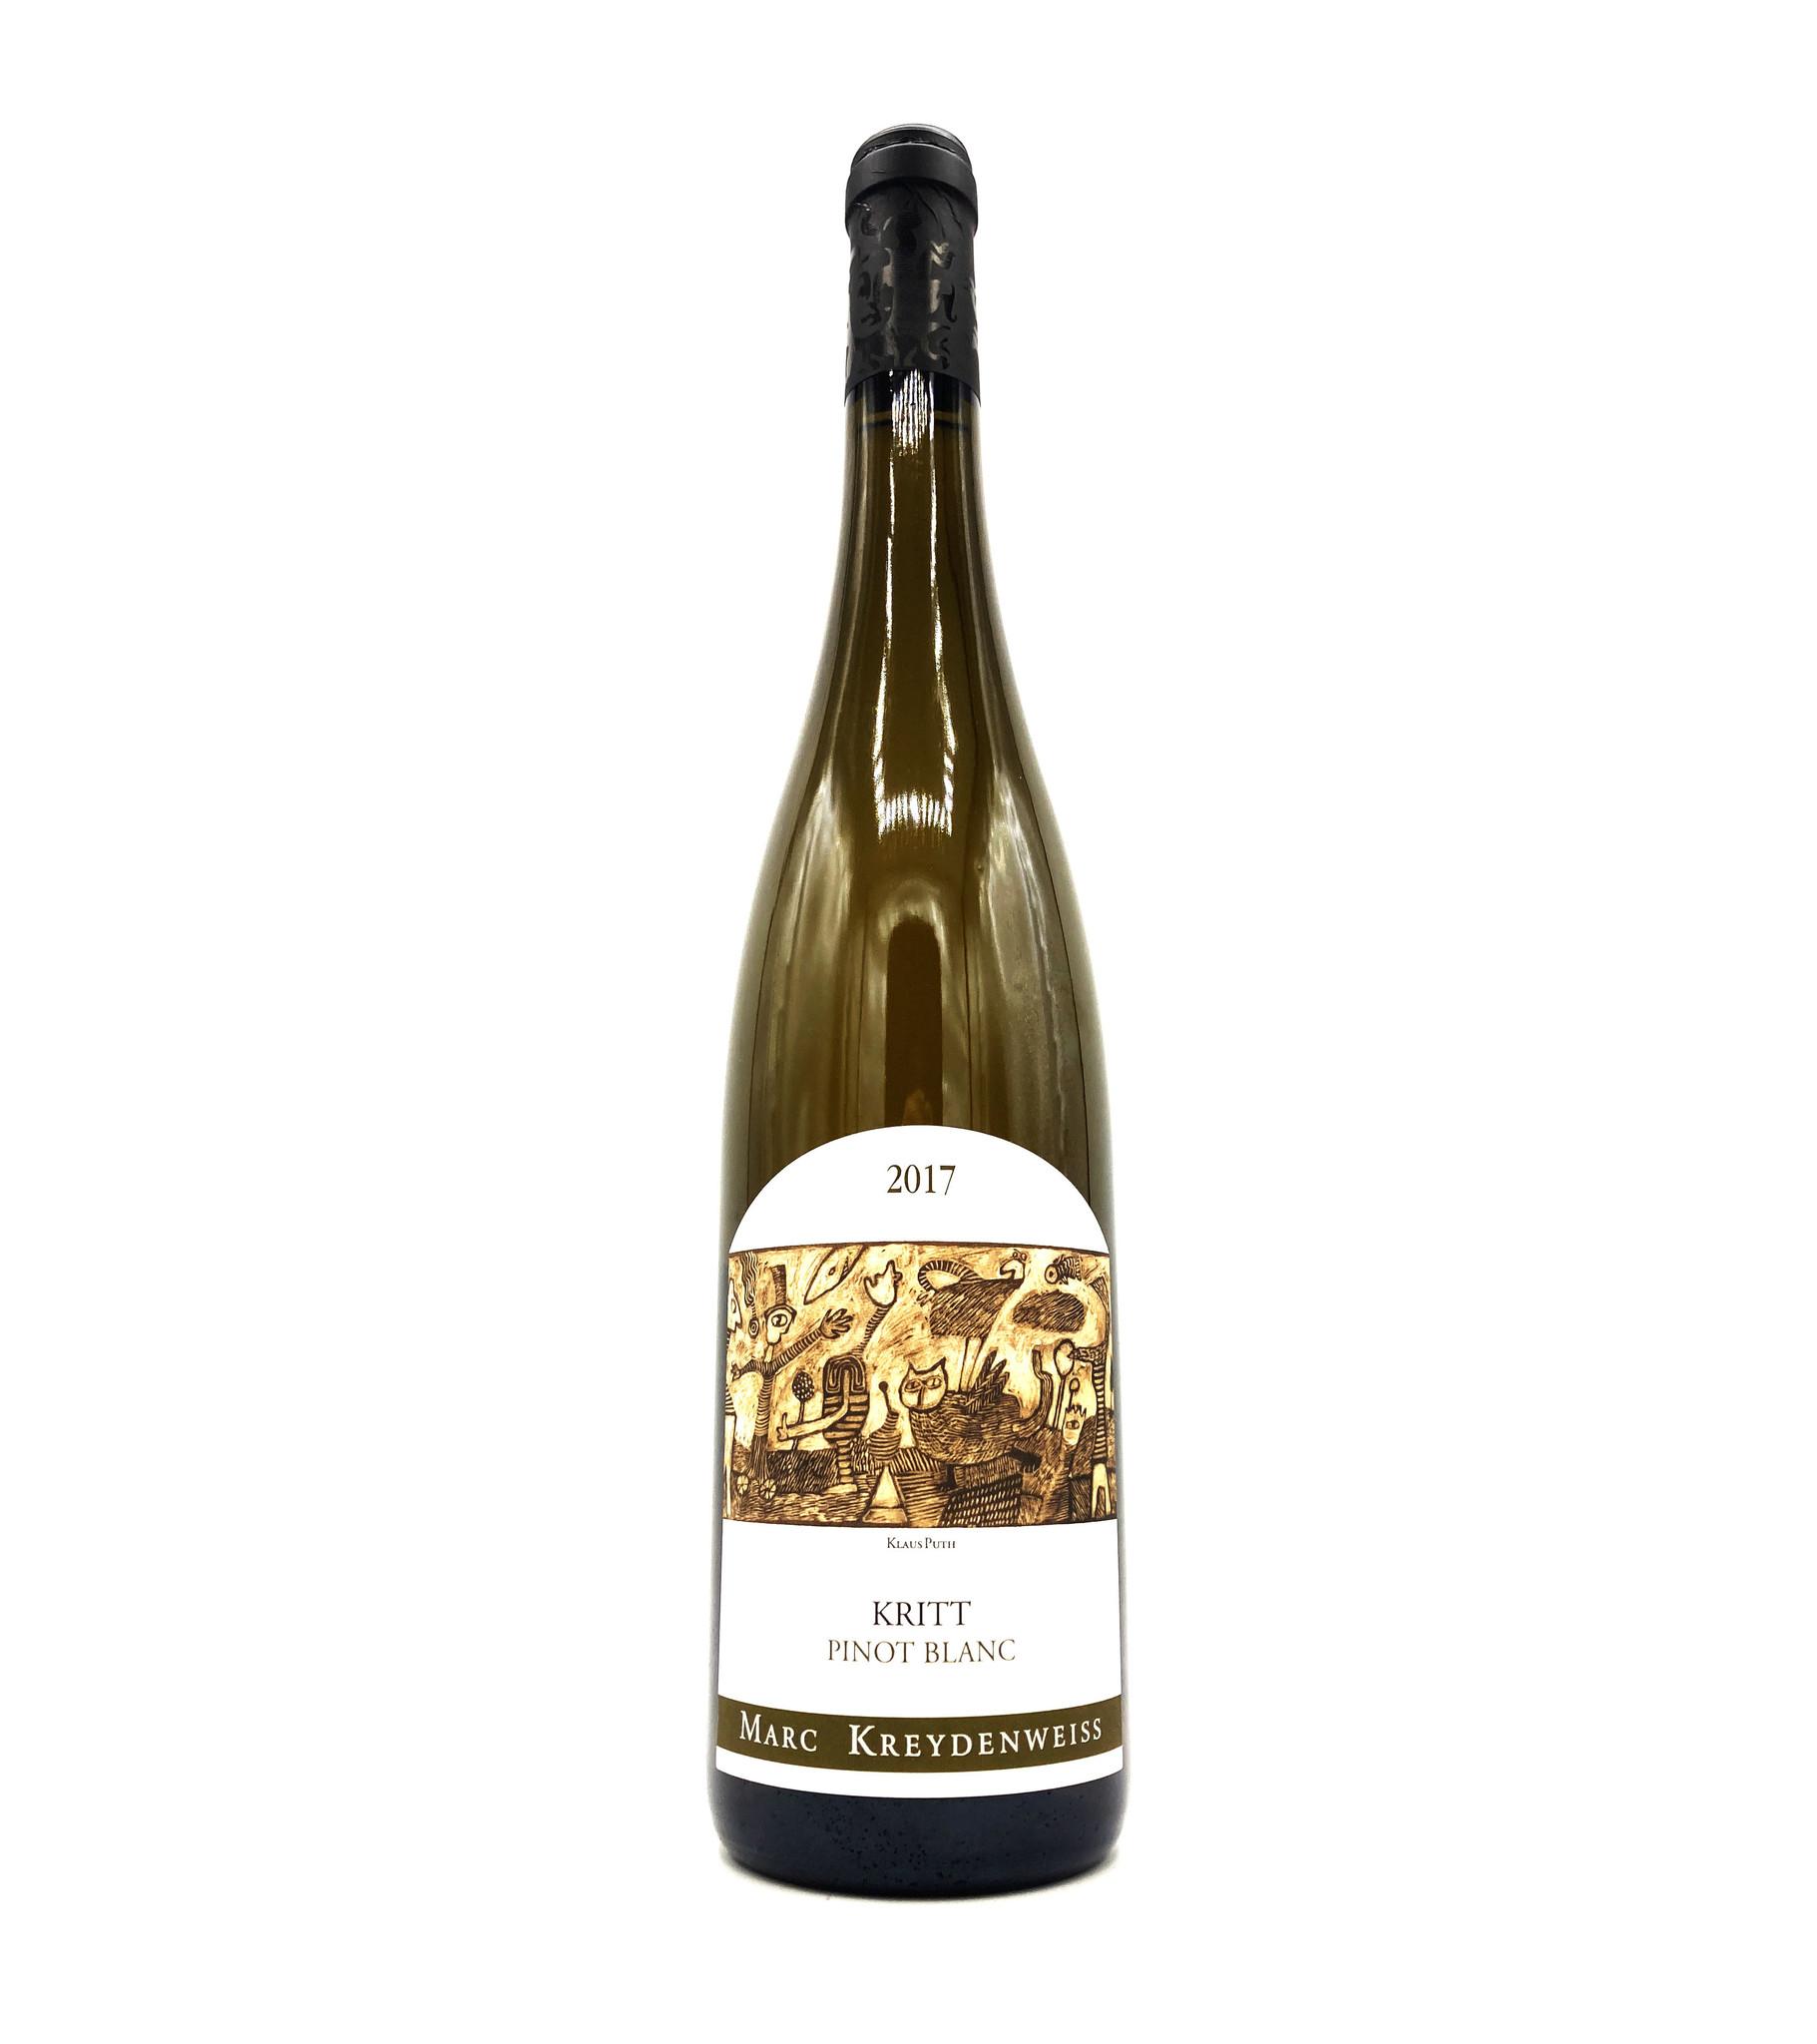 Pinot Blanc Kritt 2017 Kreydenweiss